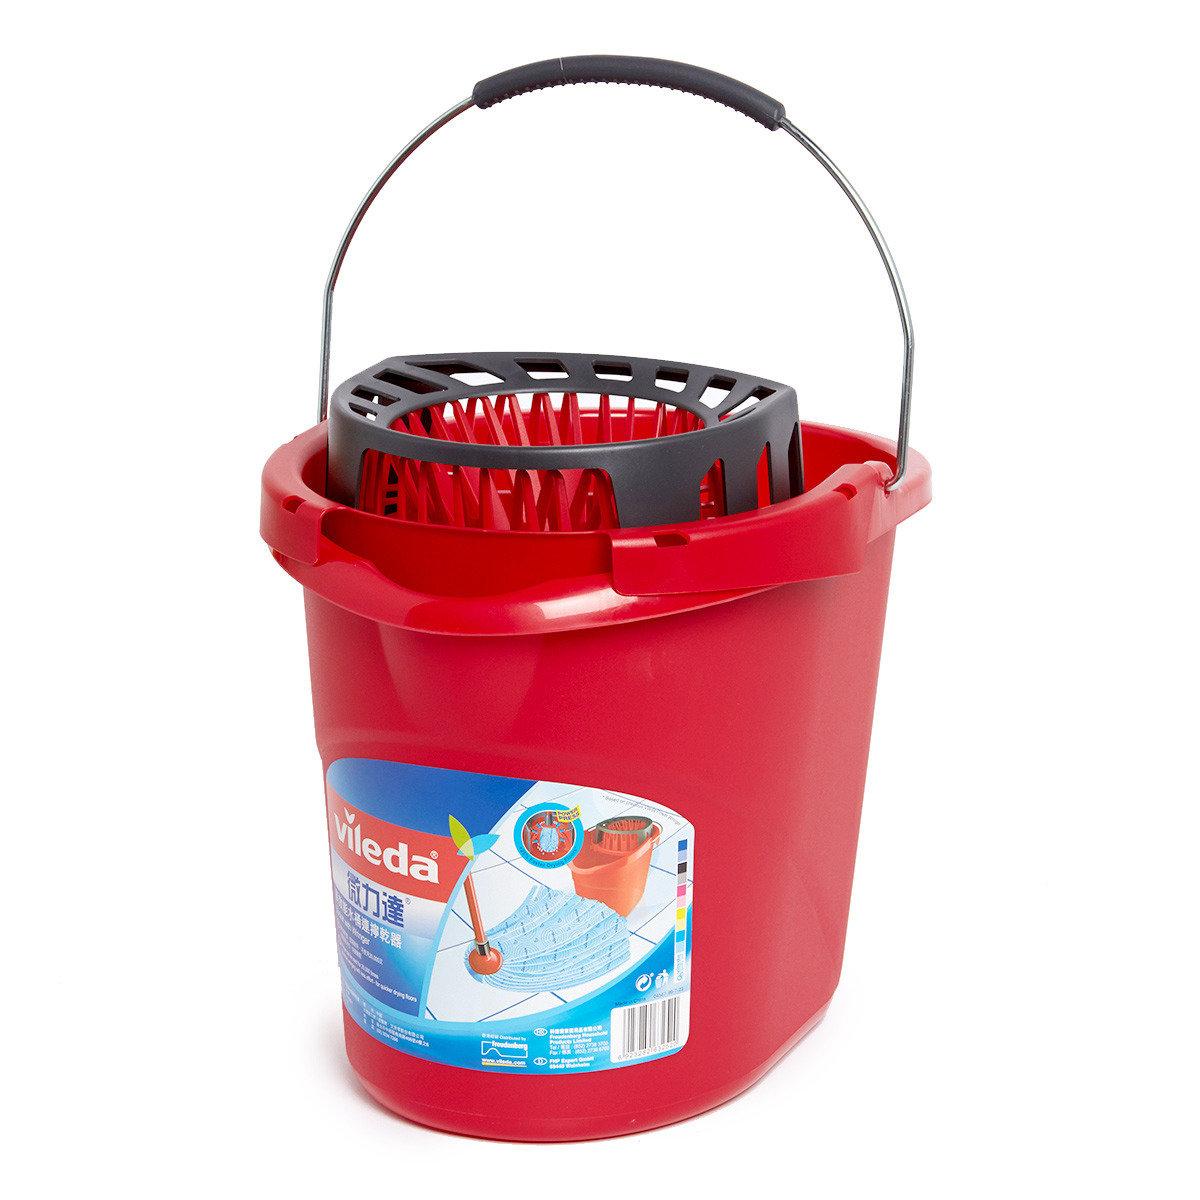 高效能水桶連擰乾器